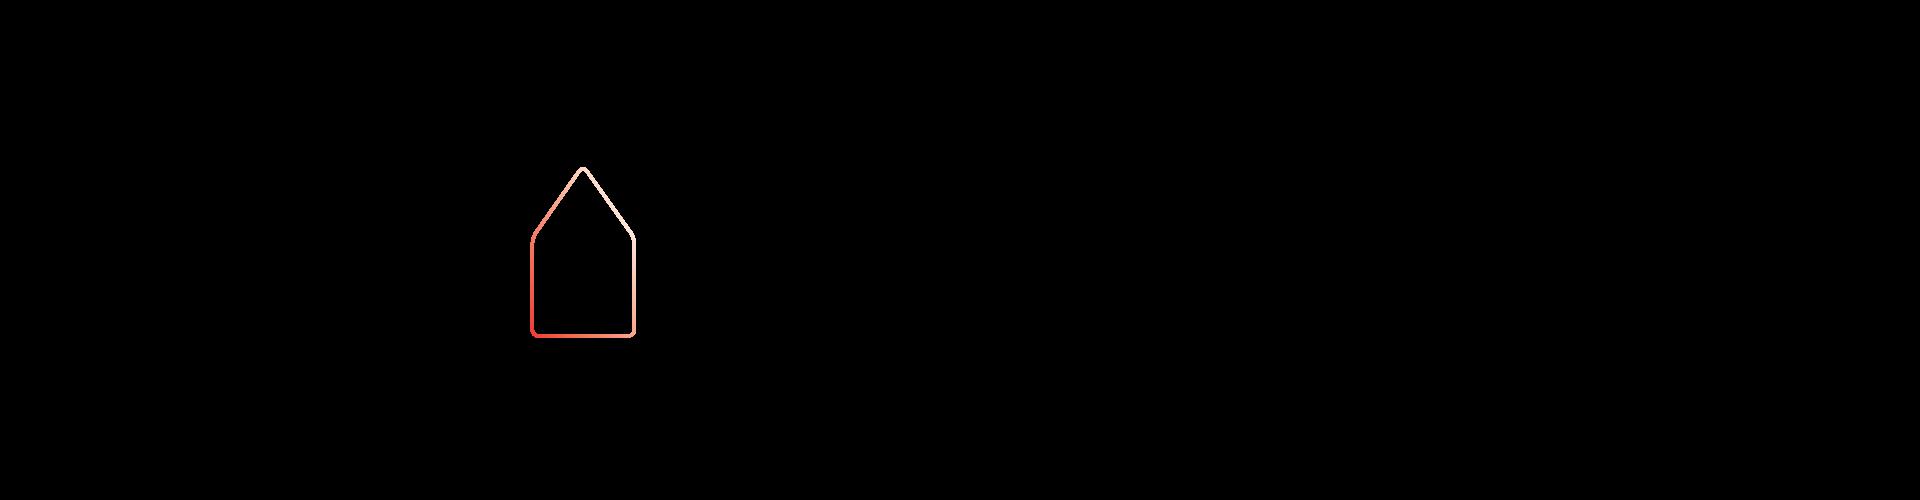 CALDO system